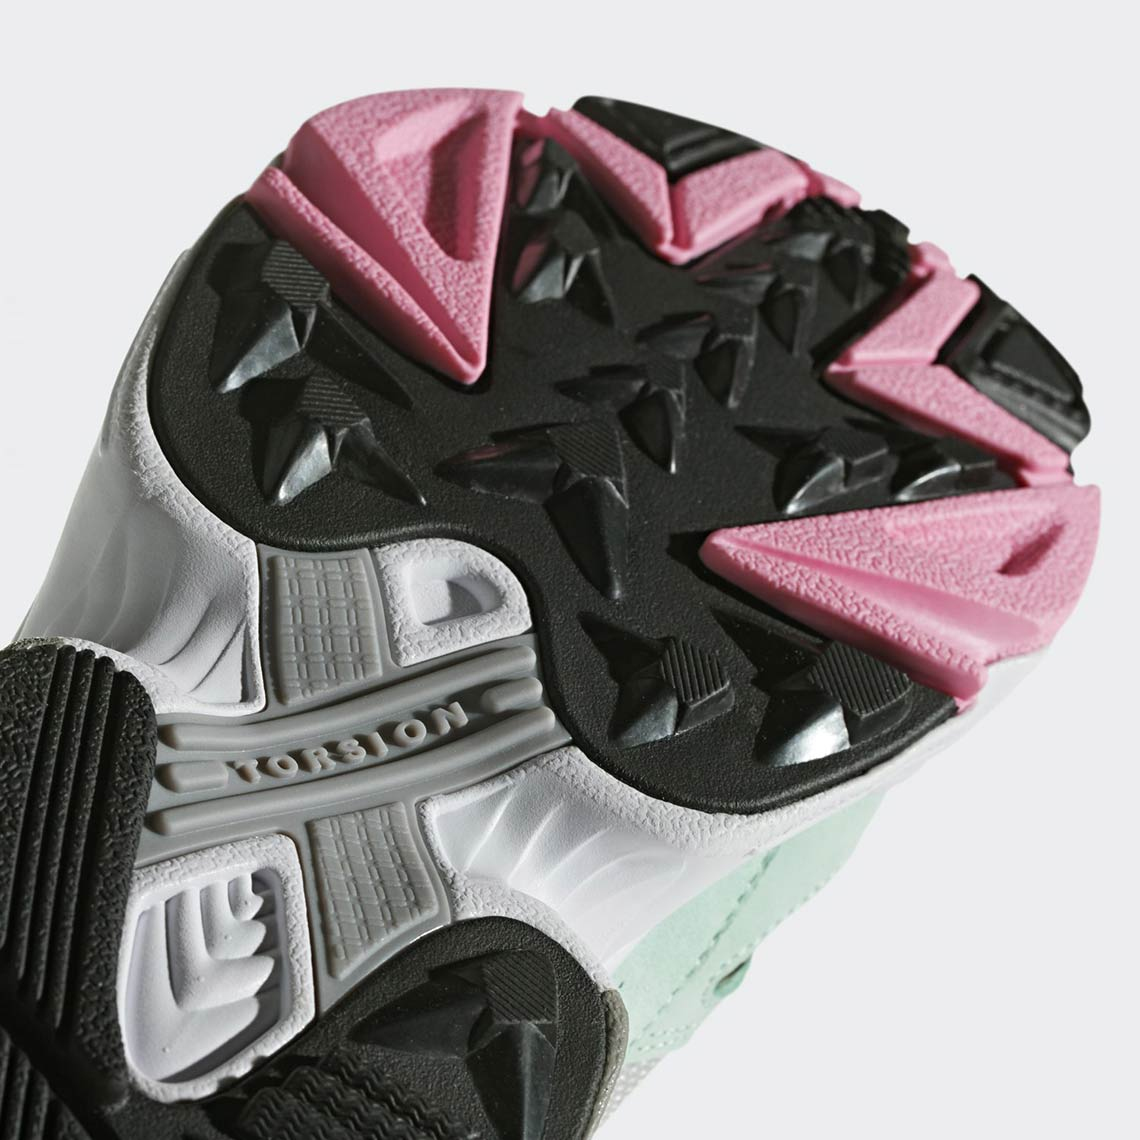 46851c8fad74e0 ... adidas Falcon Watermelon B28127 Women s Release Info SneakerNews.com  authorized site b0e57 18b3d  adidas Falcon Light Granite ...